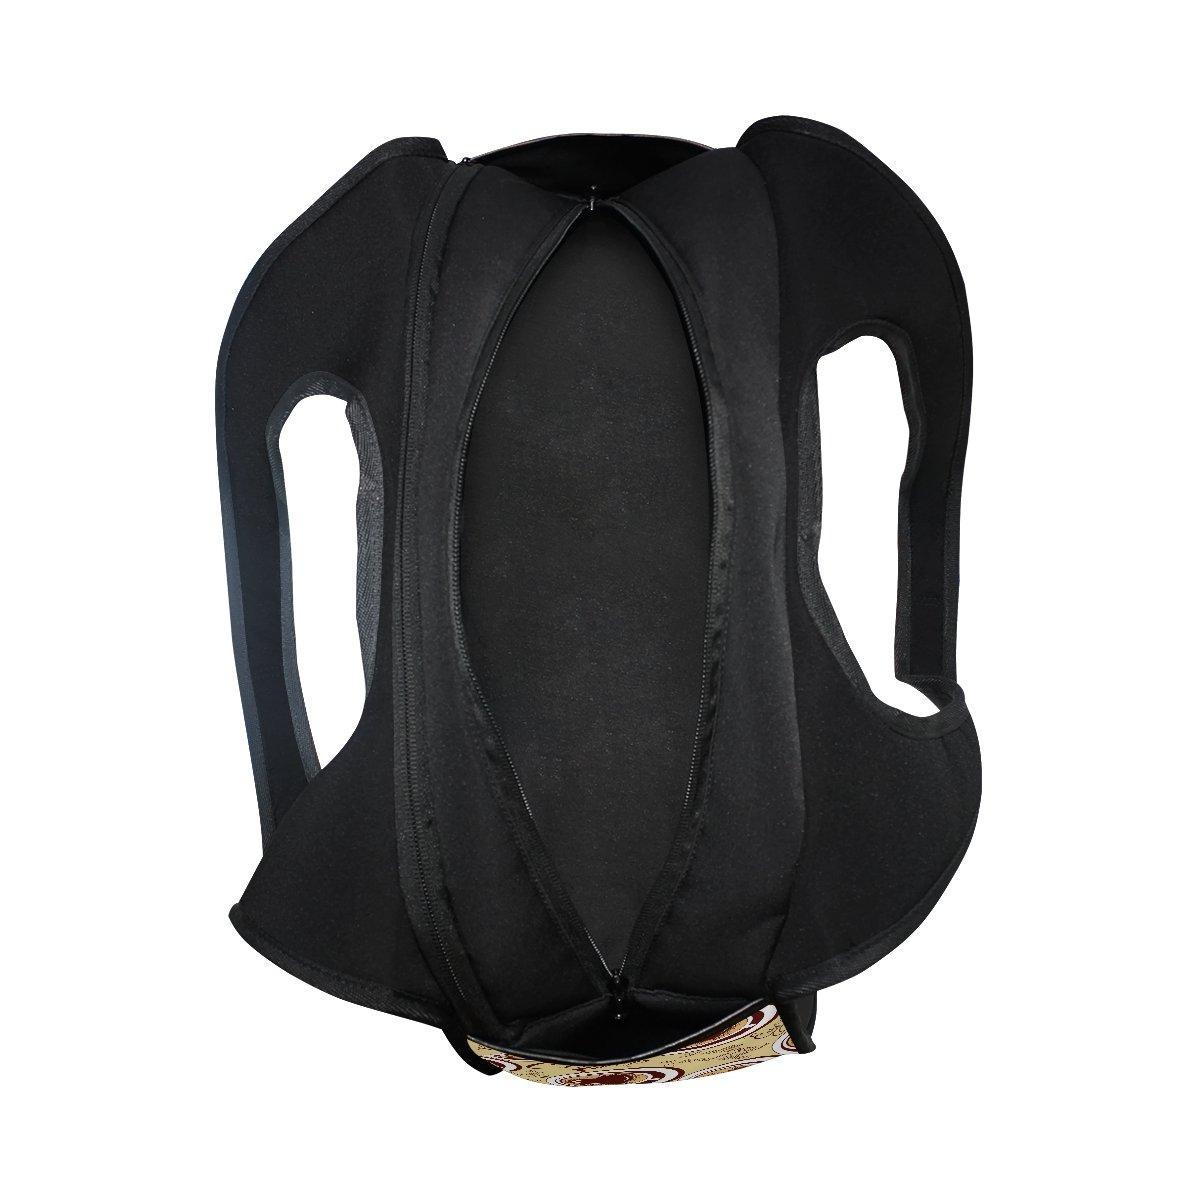 AHOMY Canvas Sports Gym Bag Coffee Beverages Travel Shoulder Bag